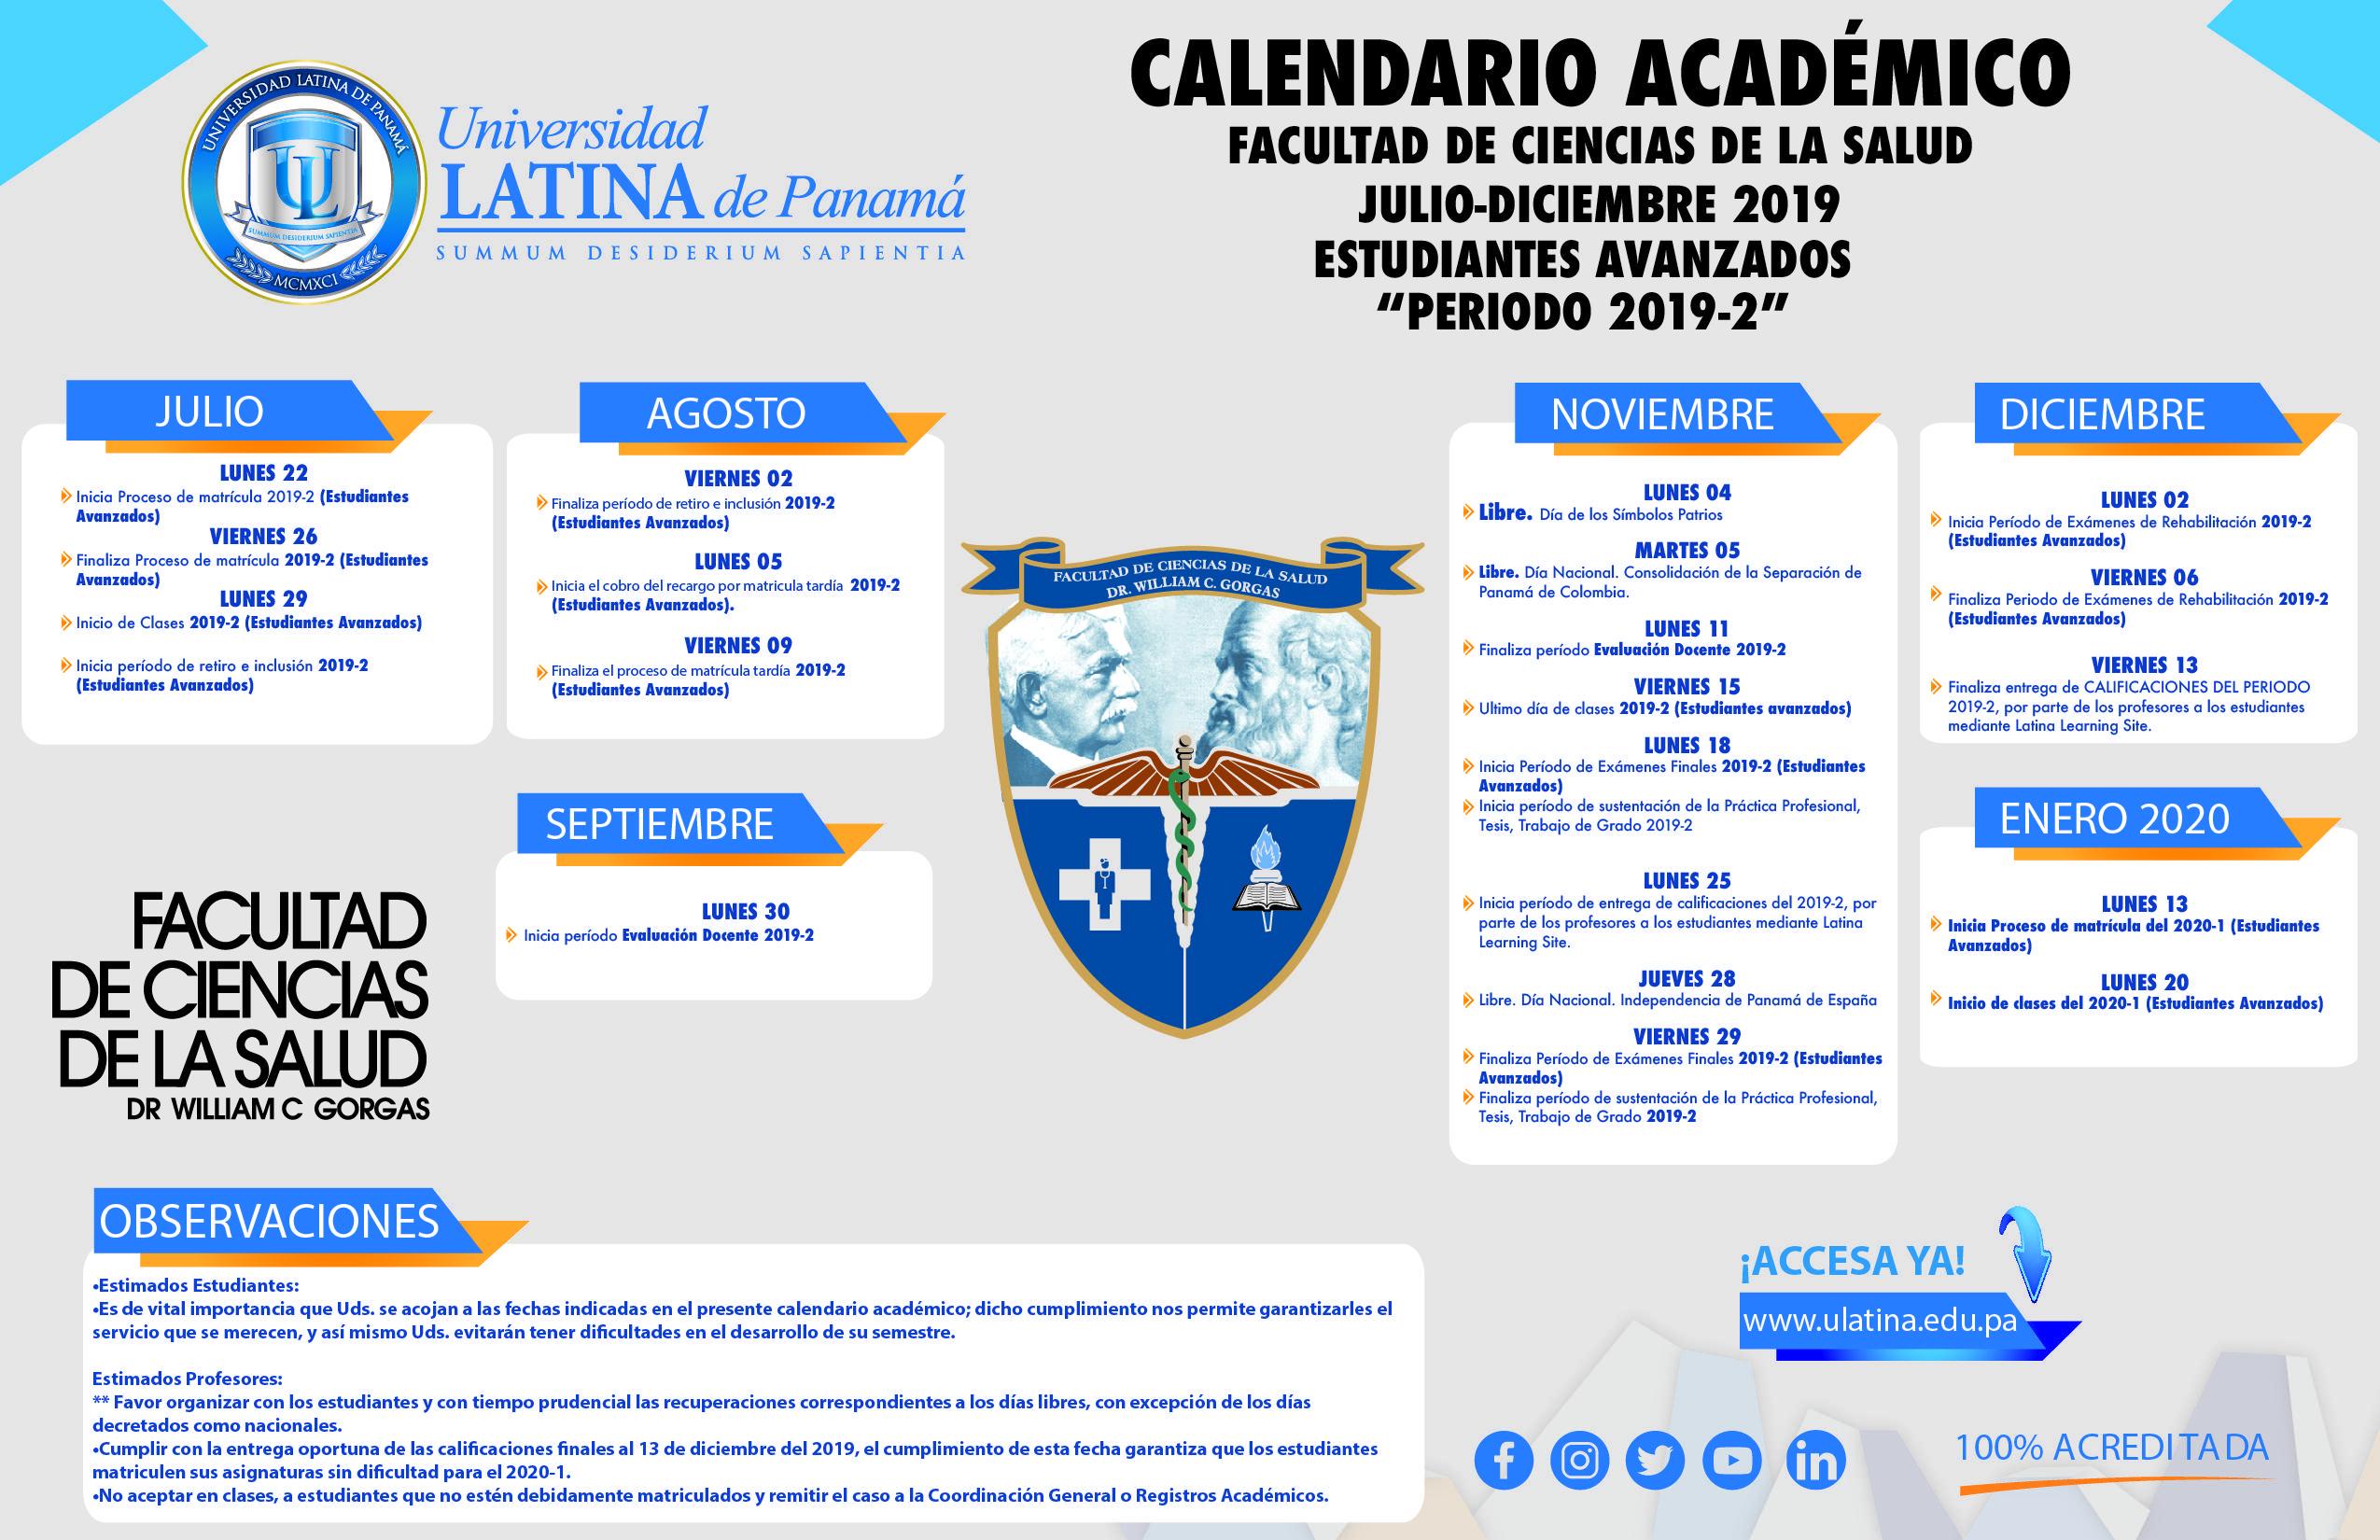 Calendario Escolar Universidad De Panama 2019.Calendarios Academicos Vida De Campus Universidad Latina